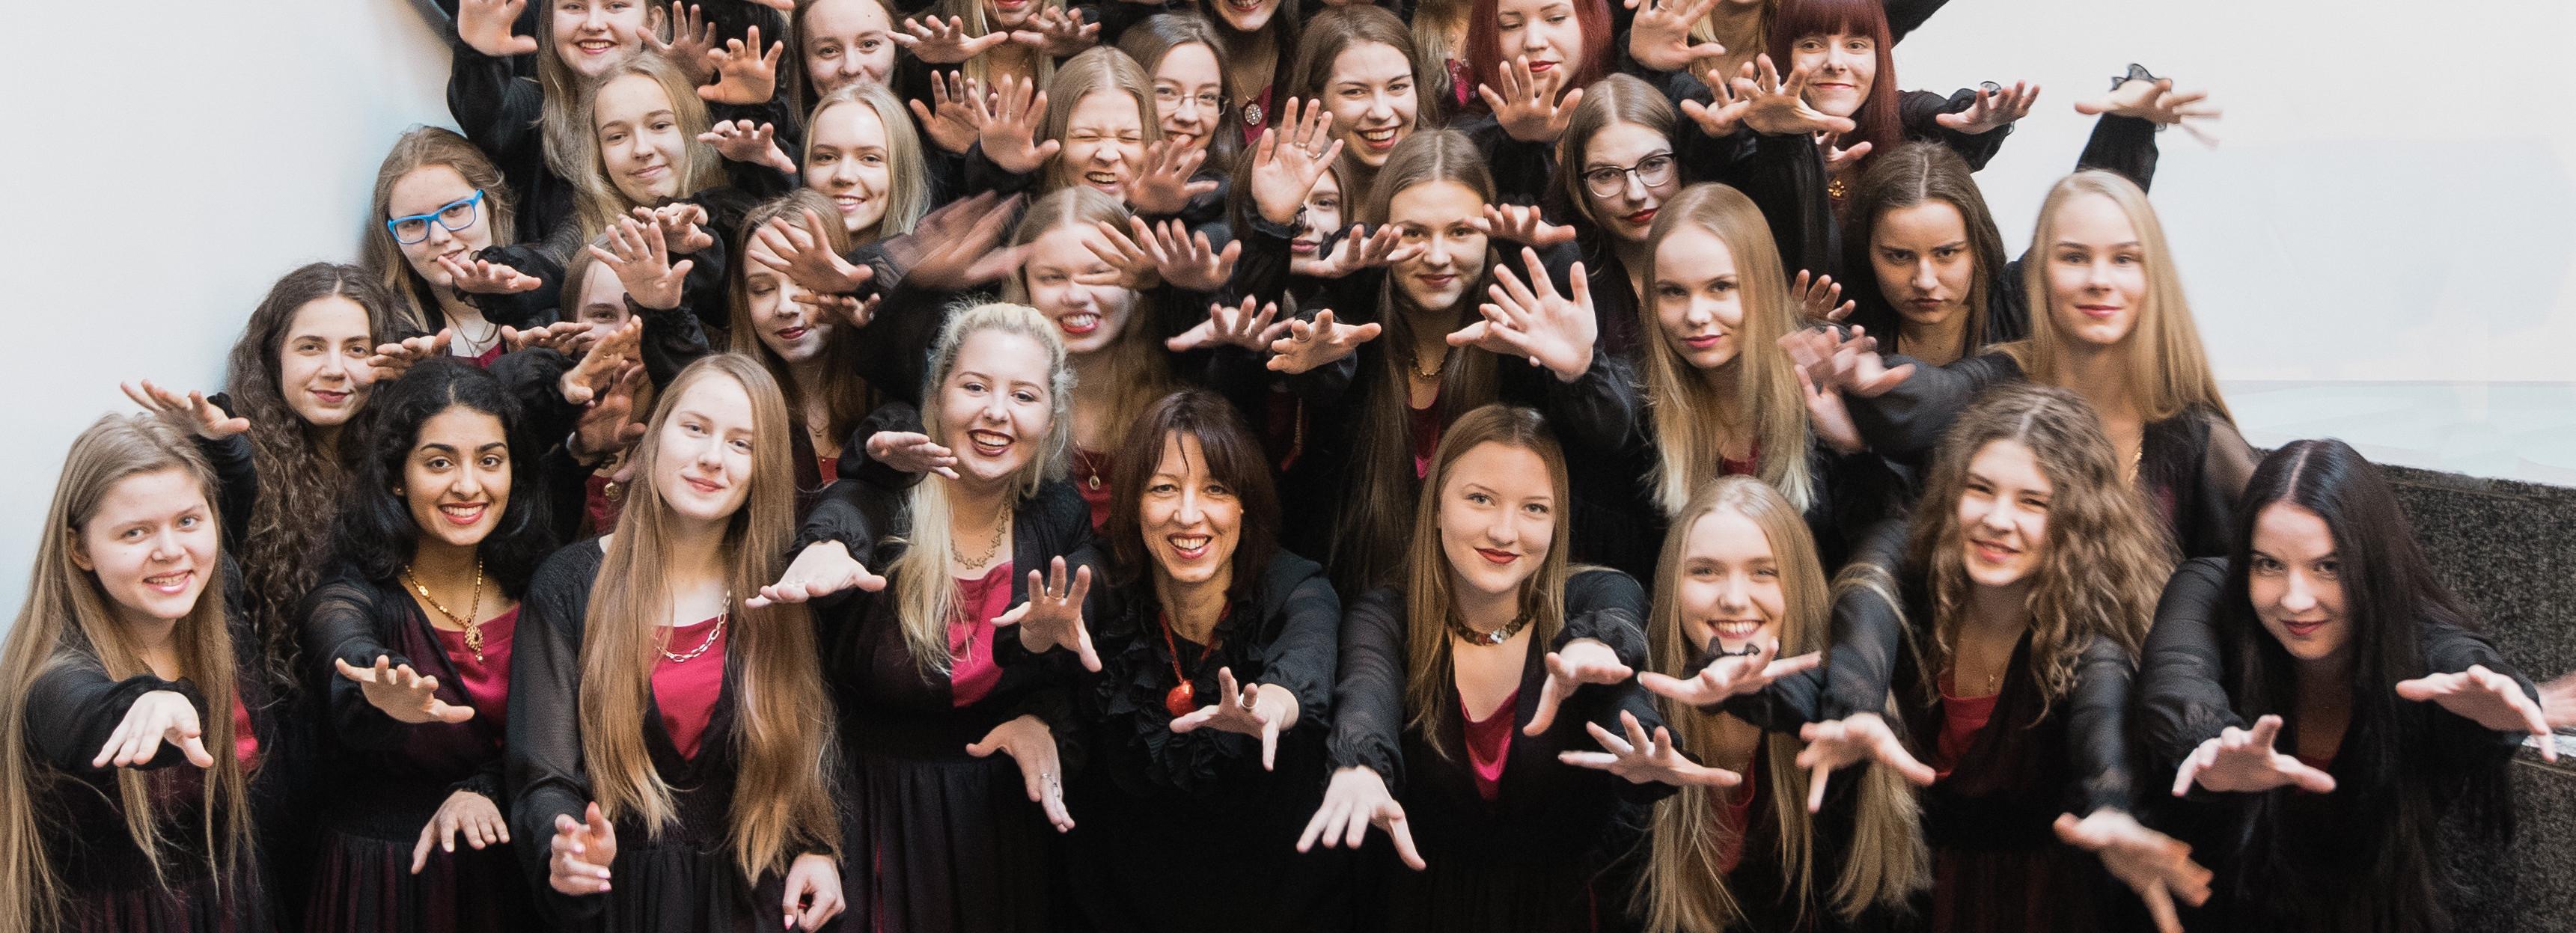 Ellerhein-41-e1508165751475